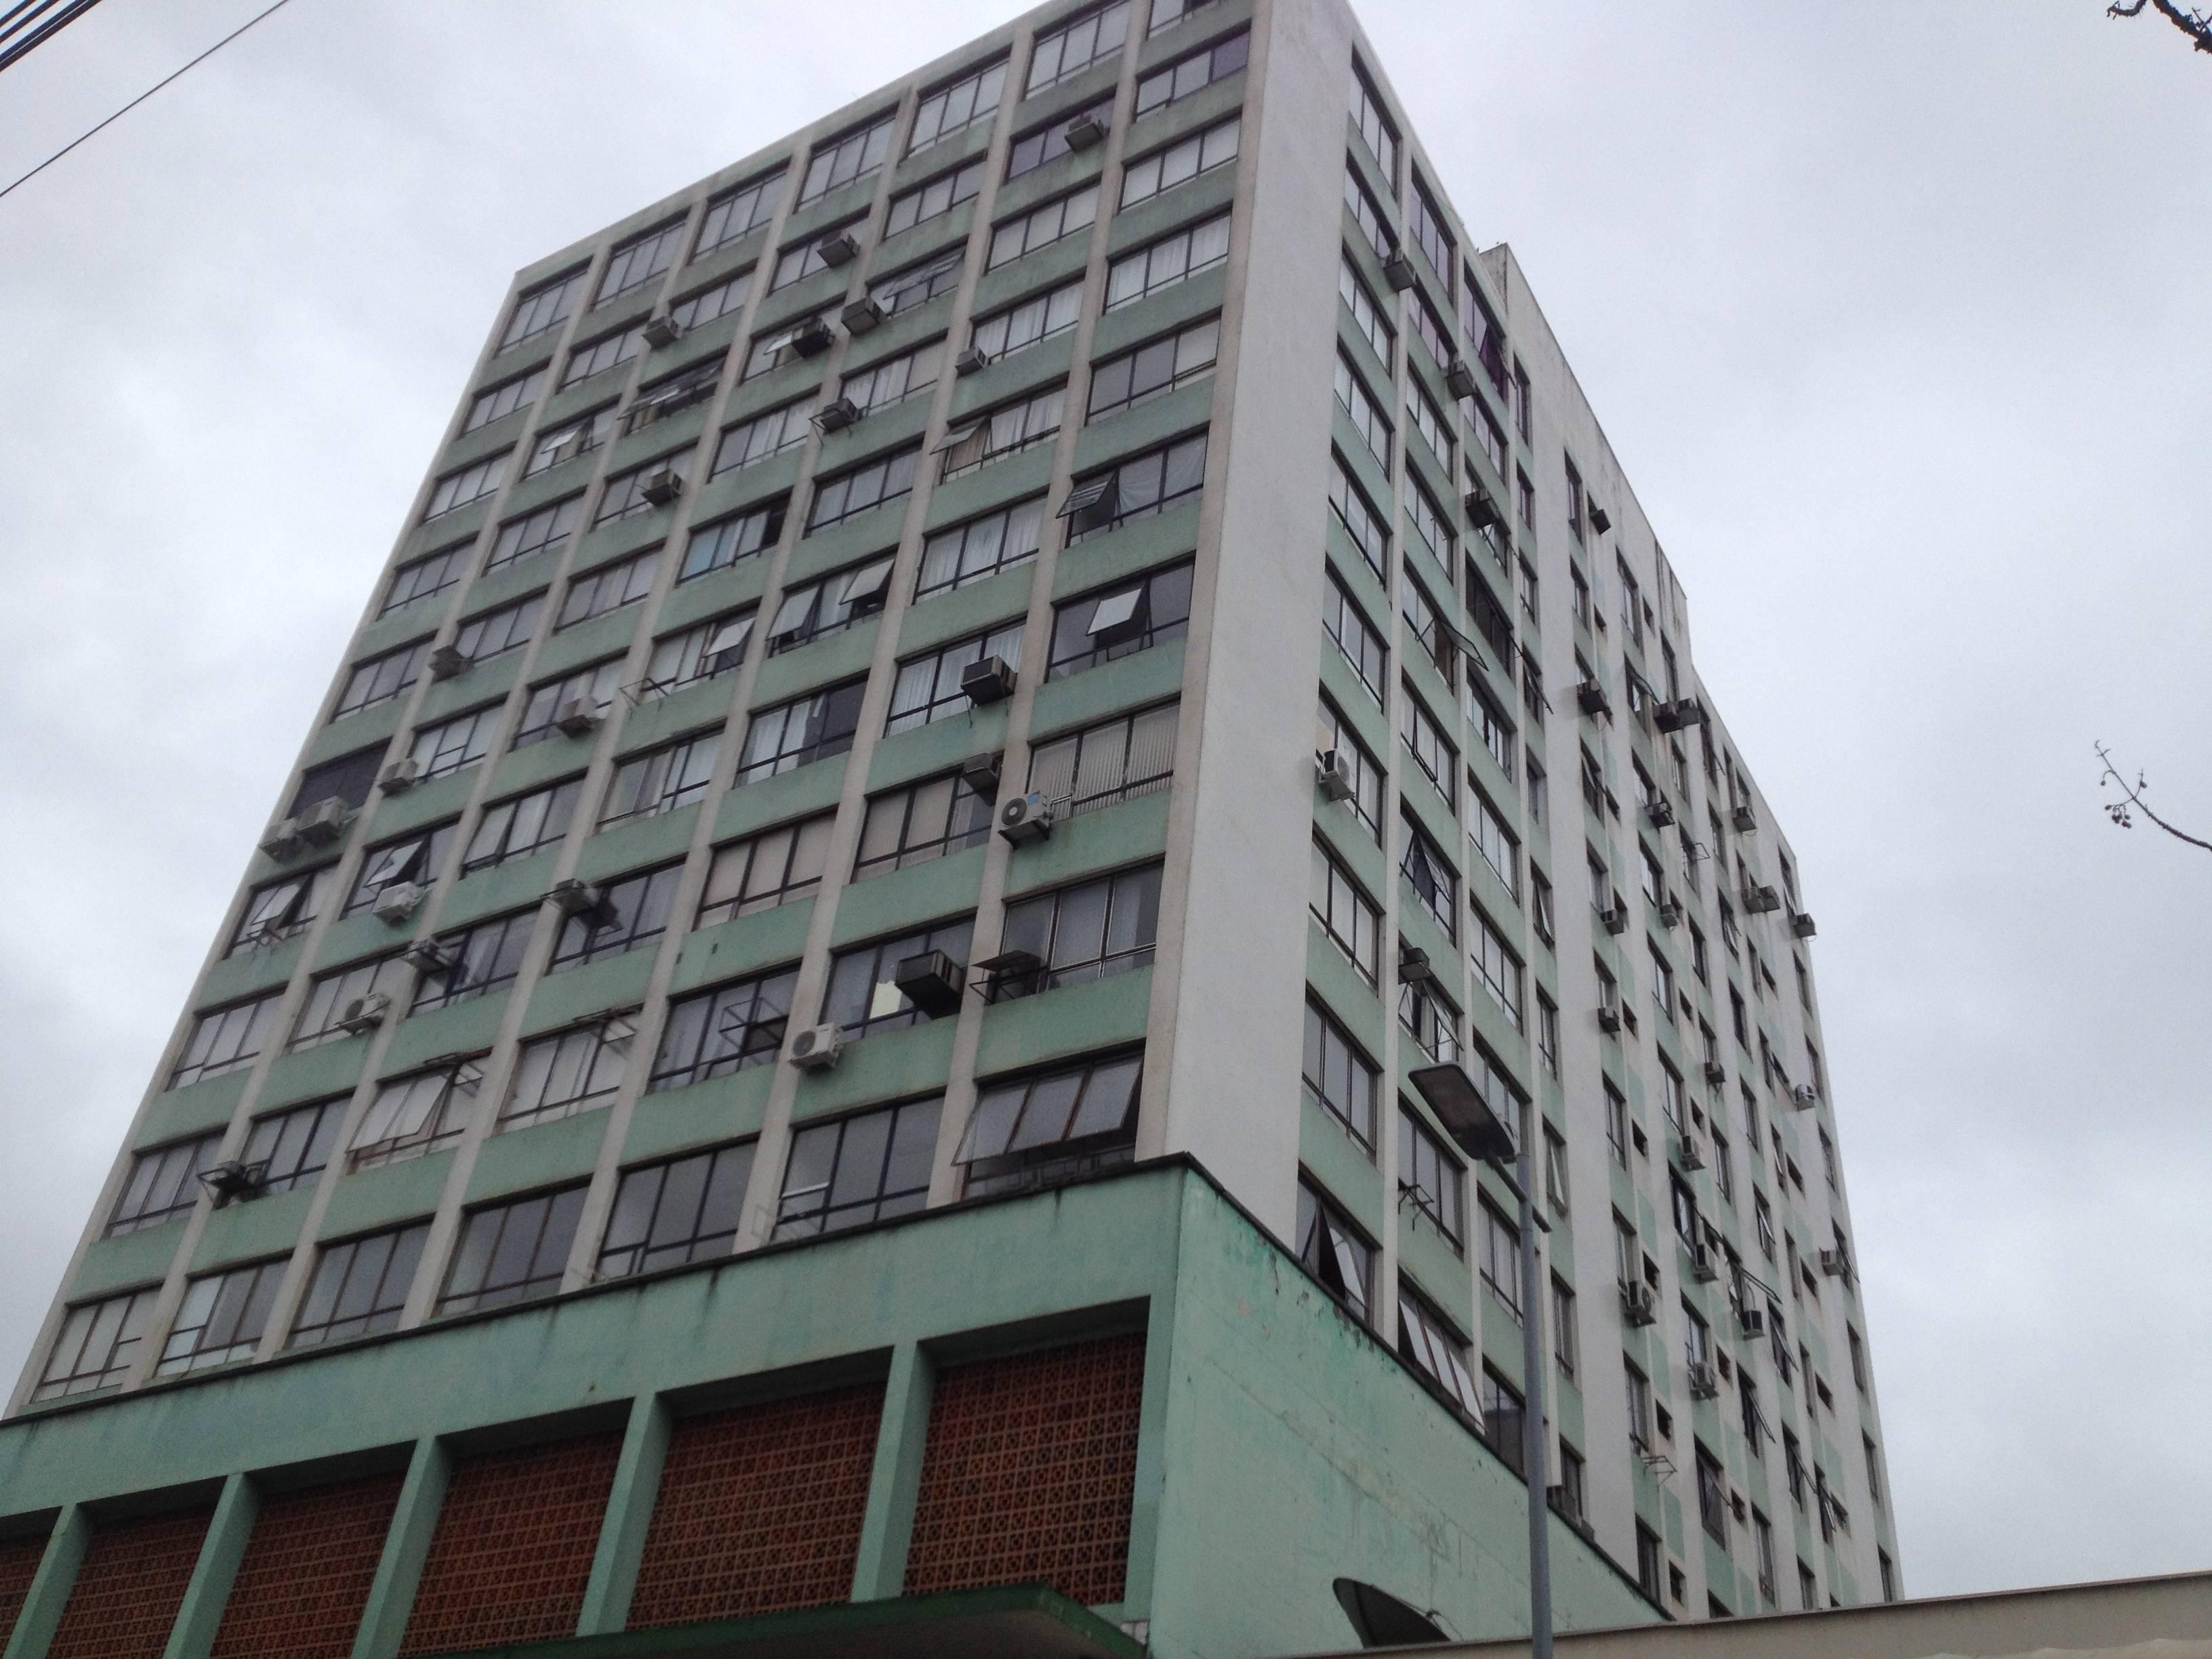 Descrição acessível: Imagem do Edifício Manchester vista de baixo